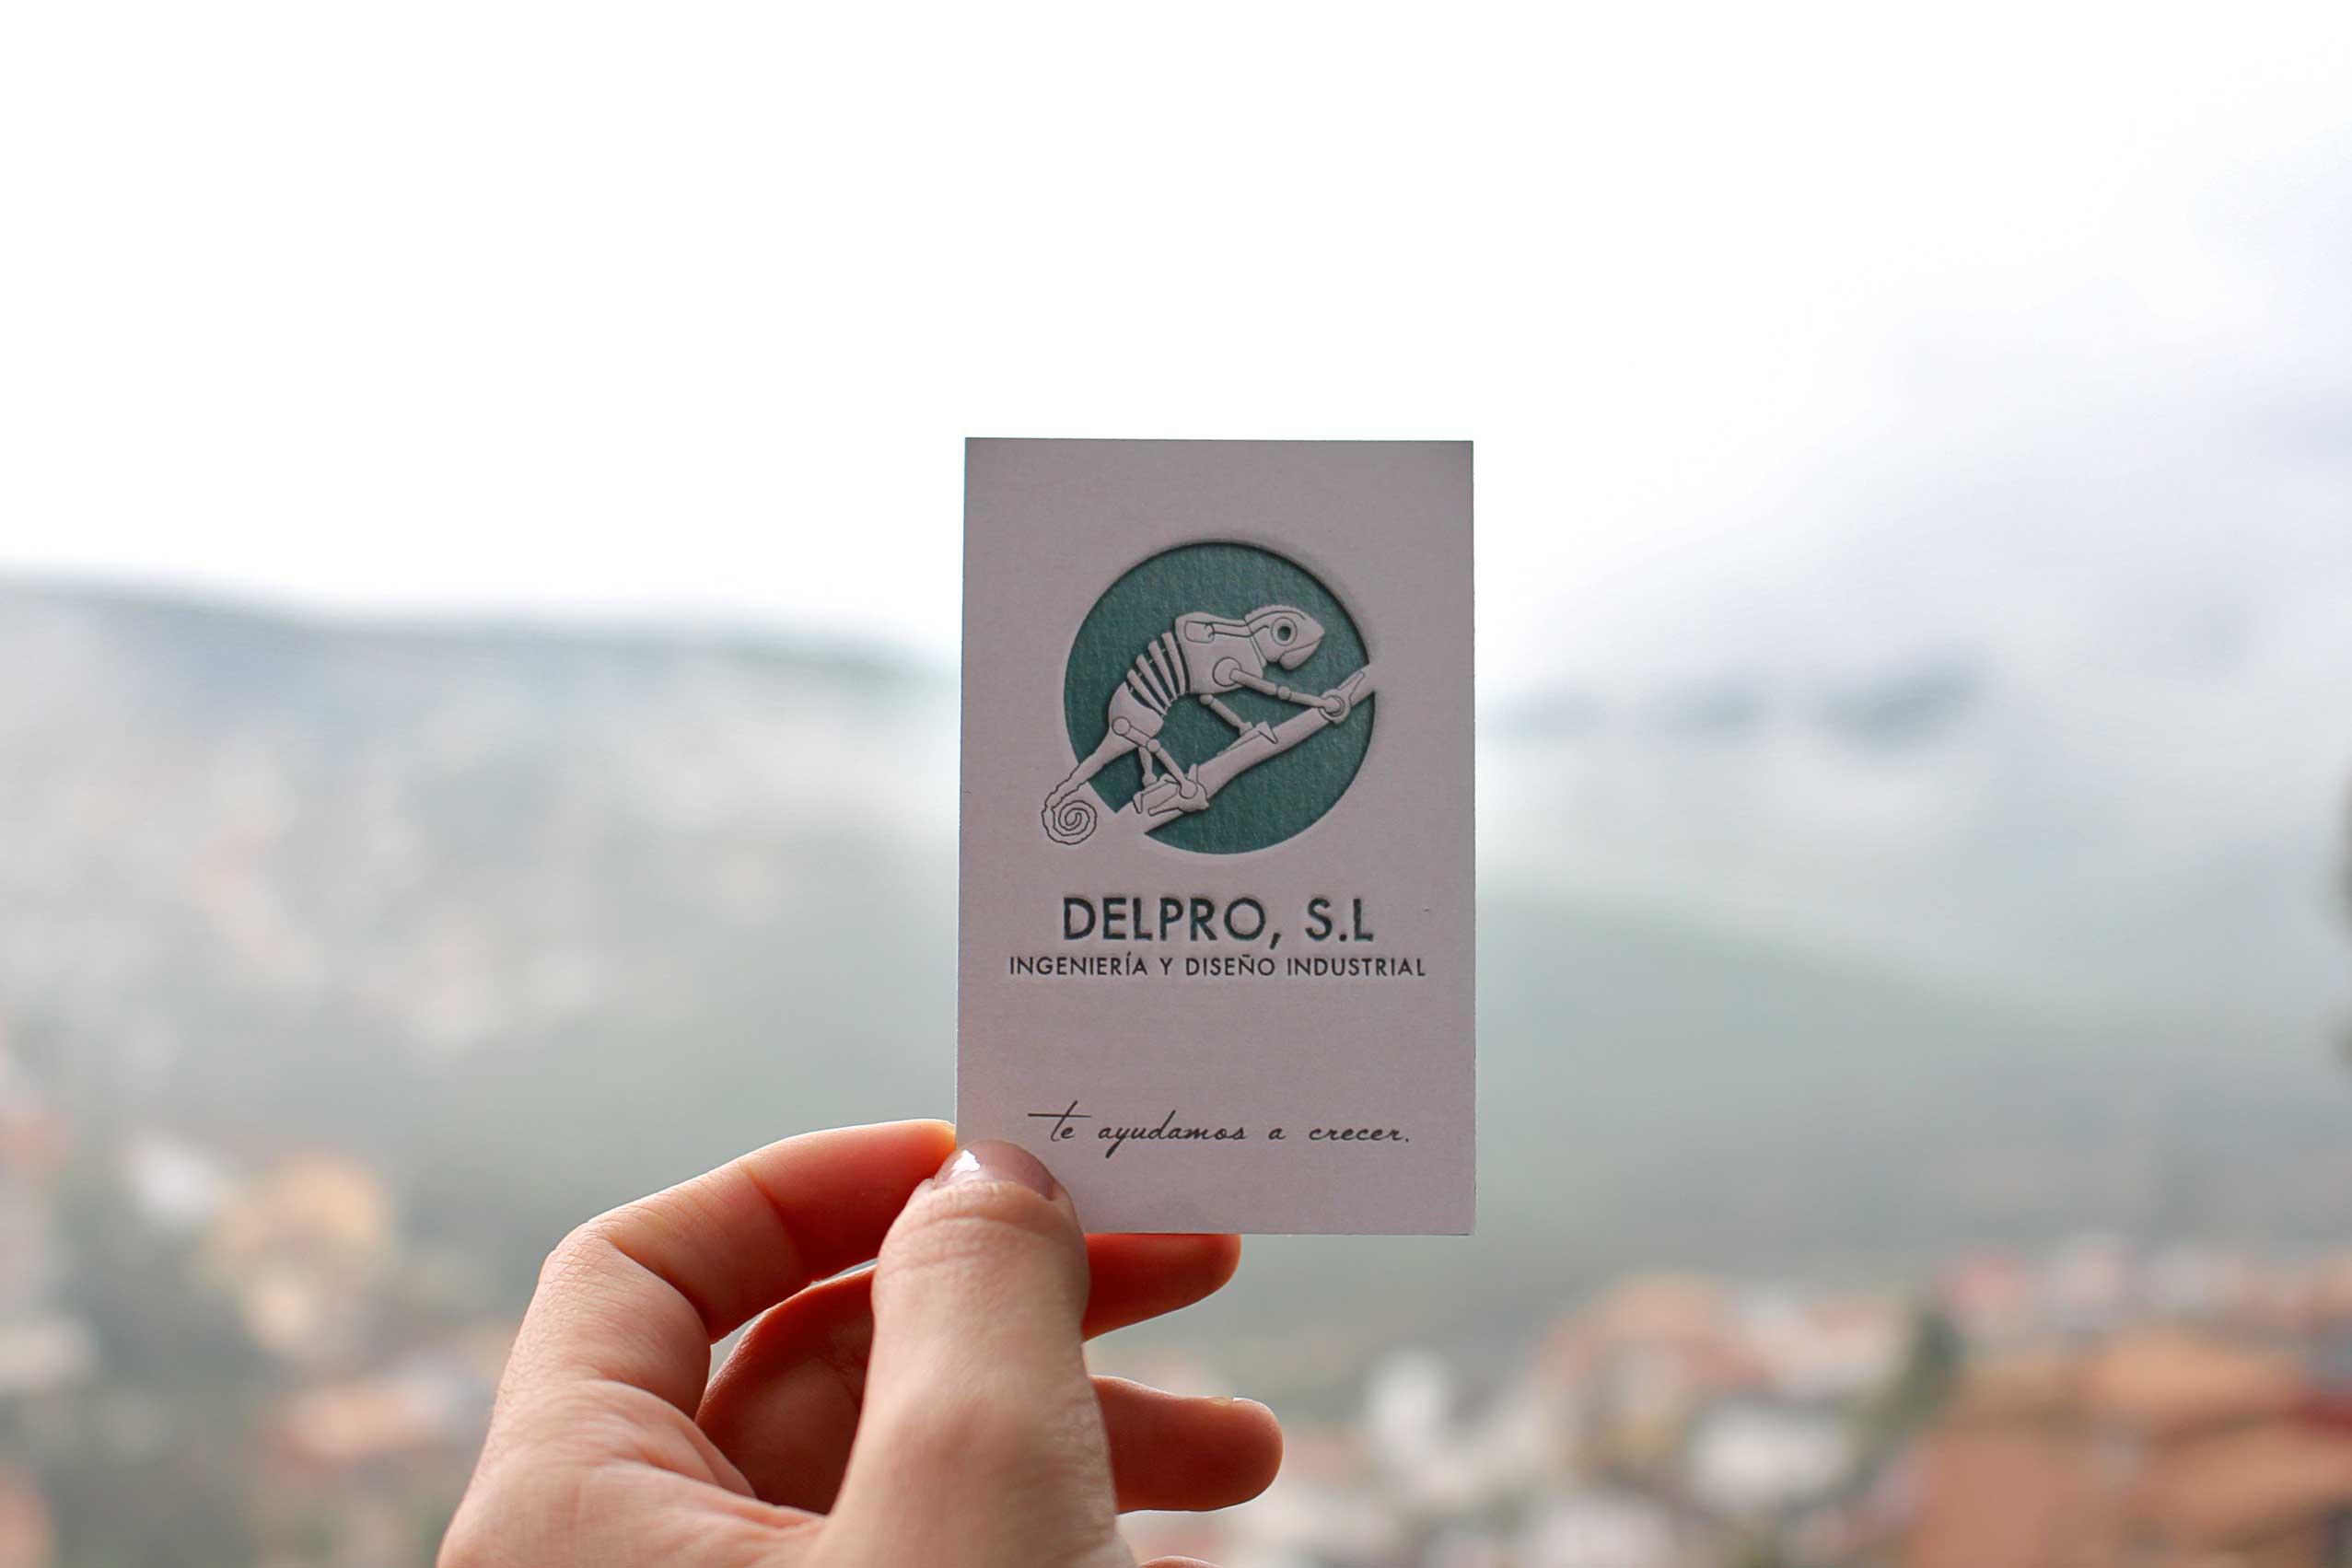 Trabajar en Delpro